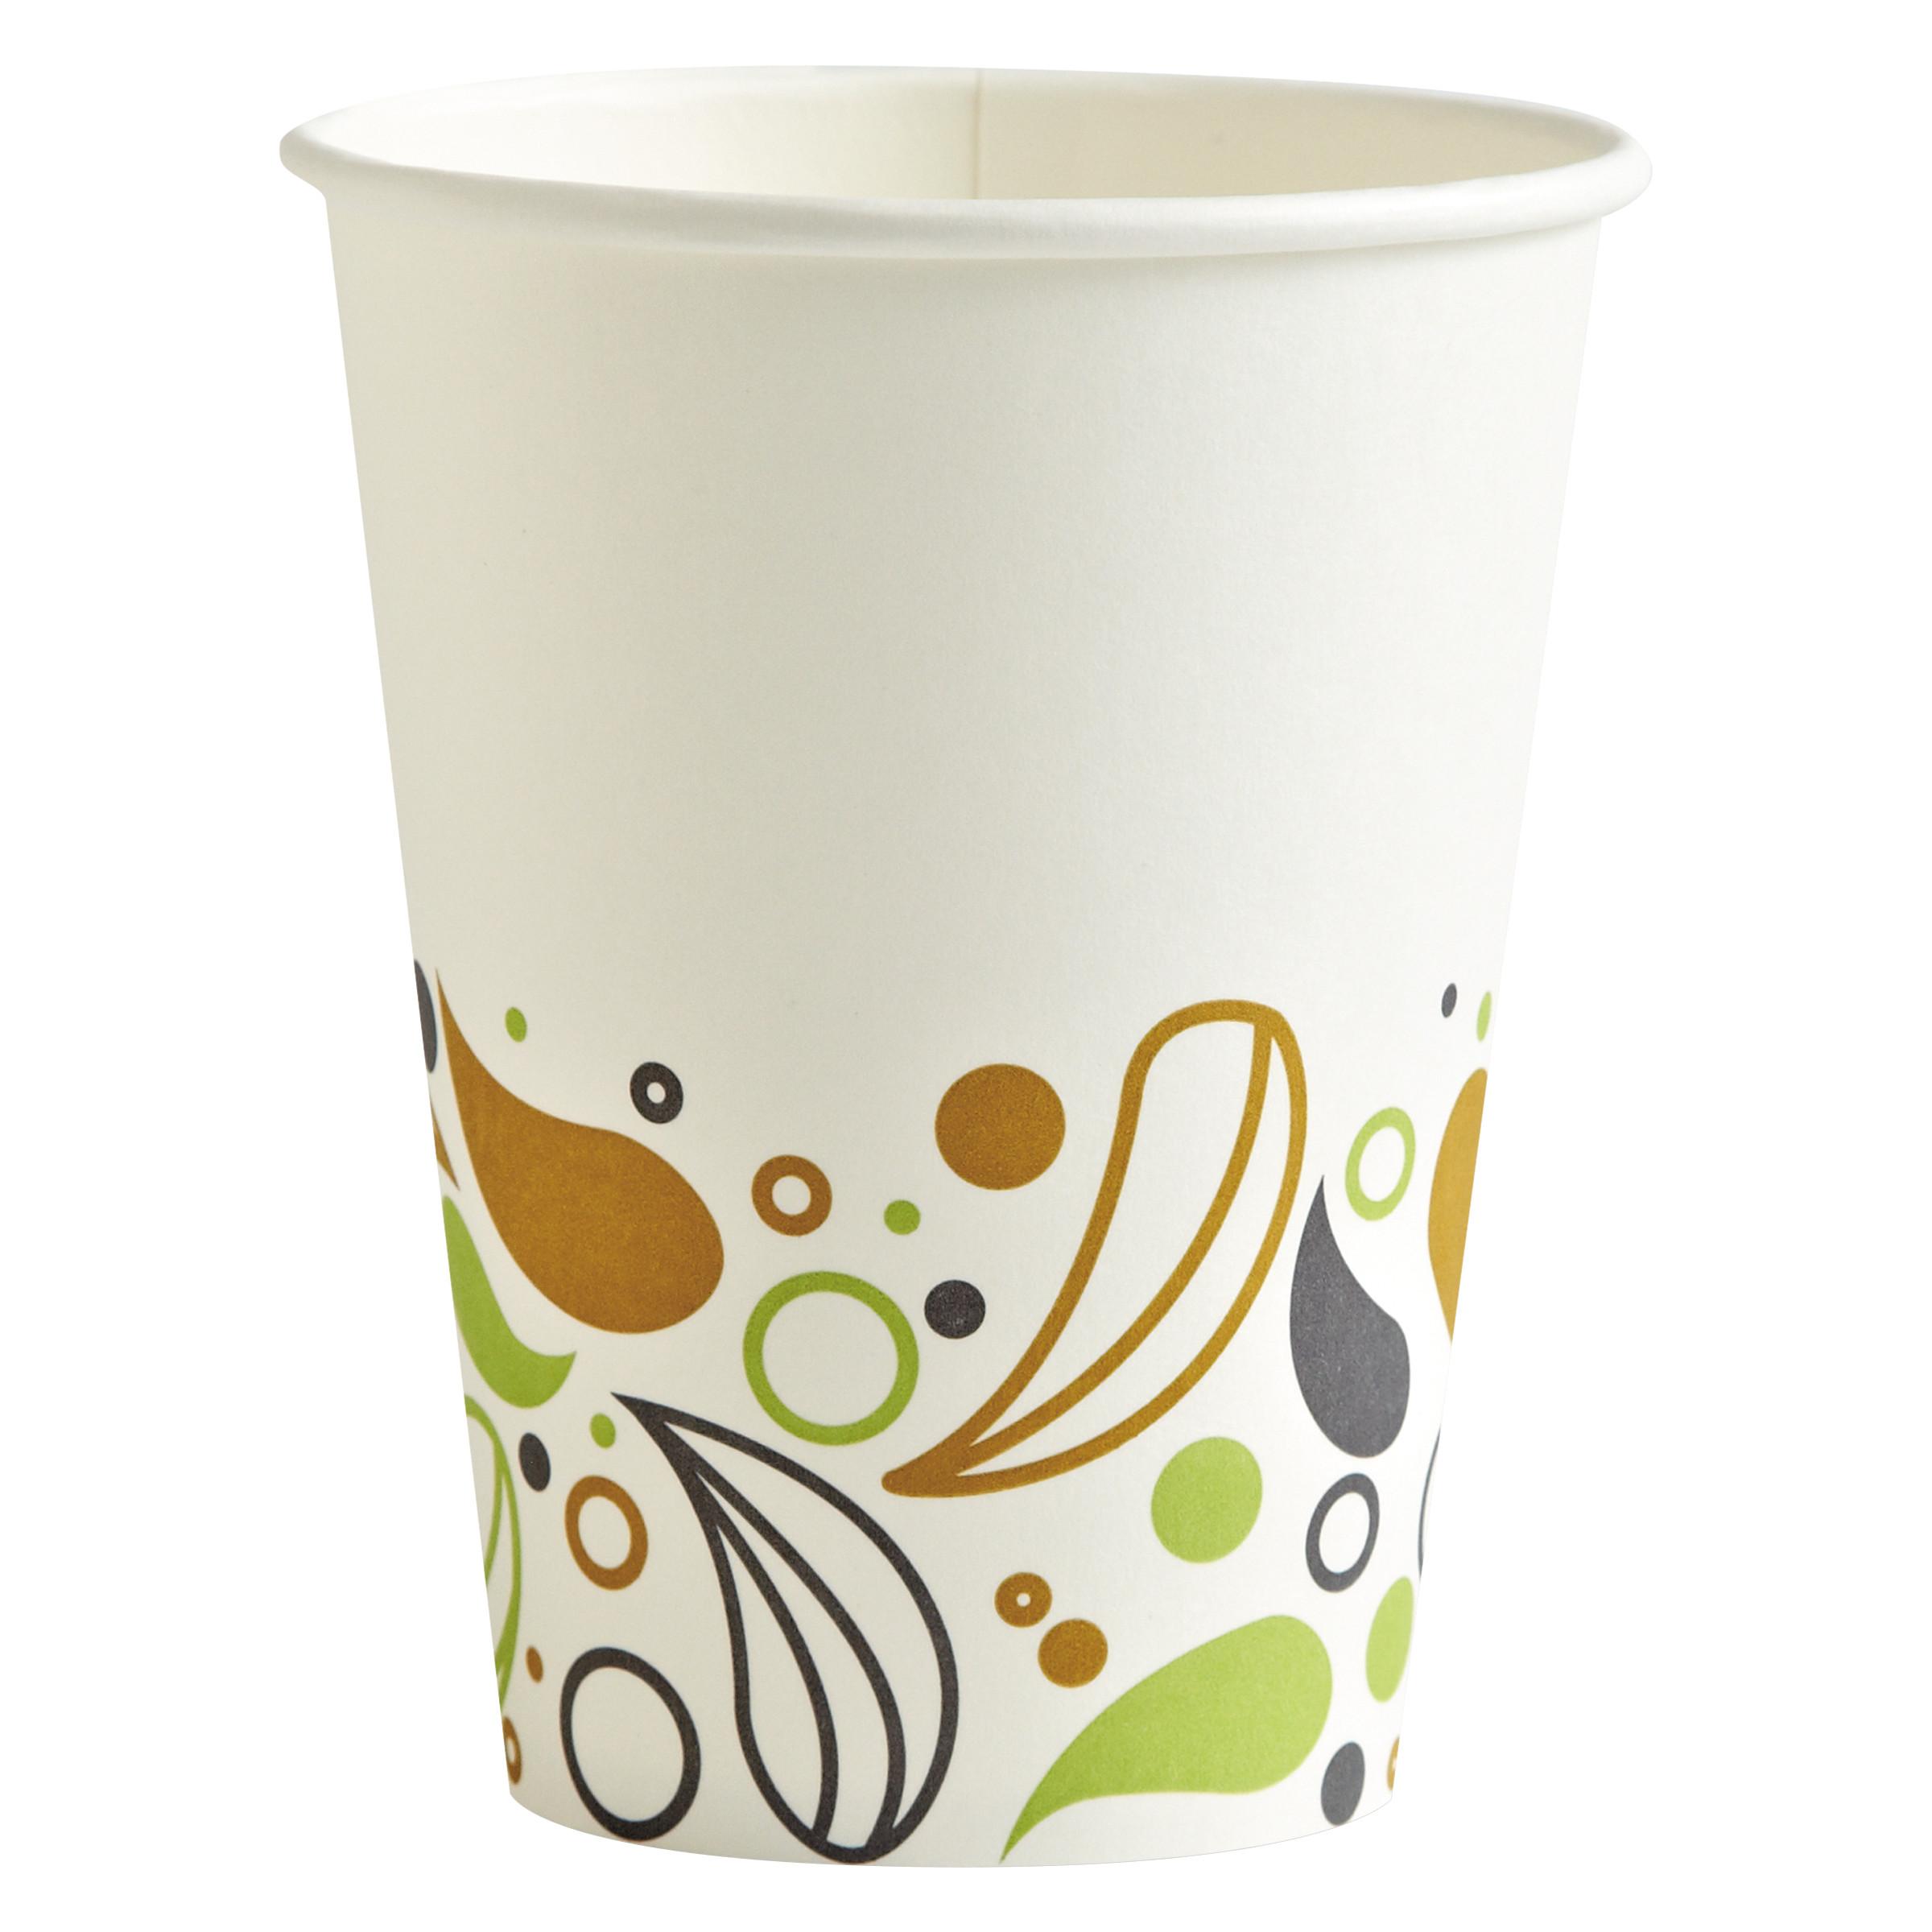 Boardwalk Deerfield Printed Paper Hot Cups, 12 oz, 1000 count -BWKDEER12HCUP